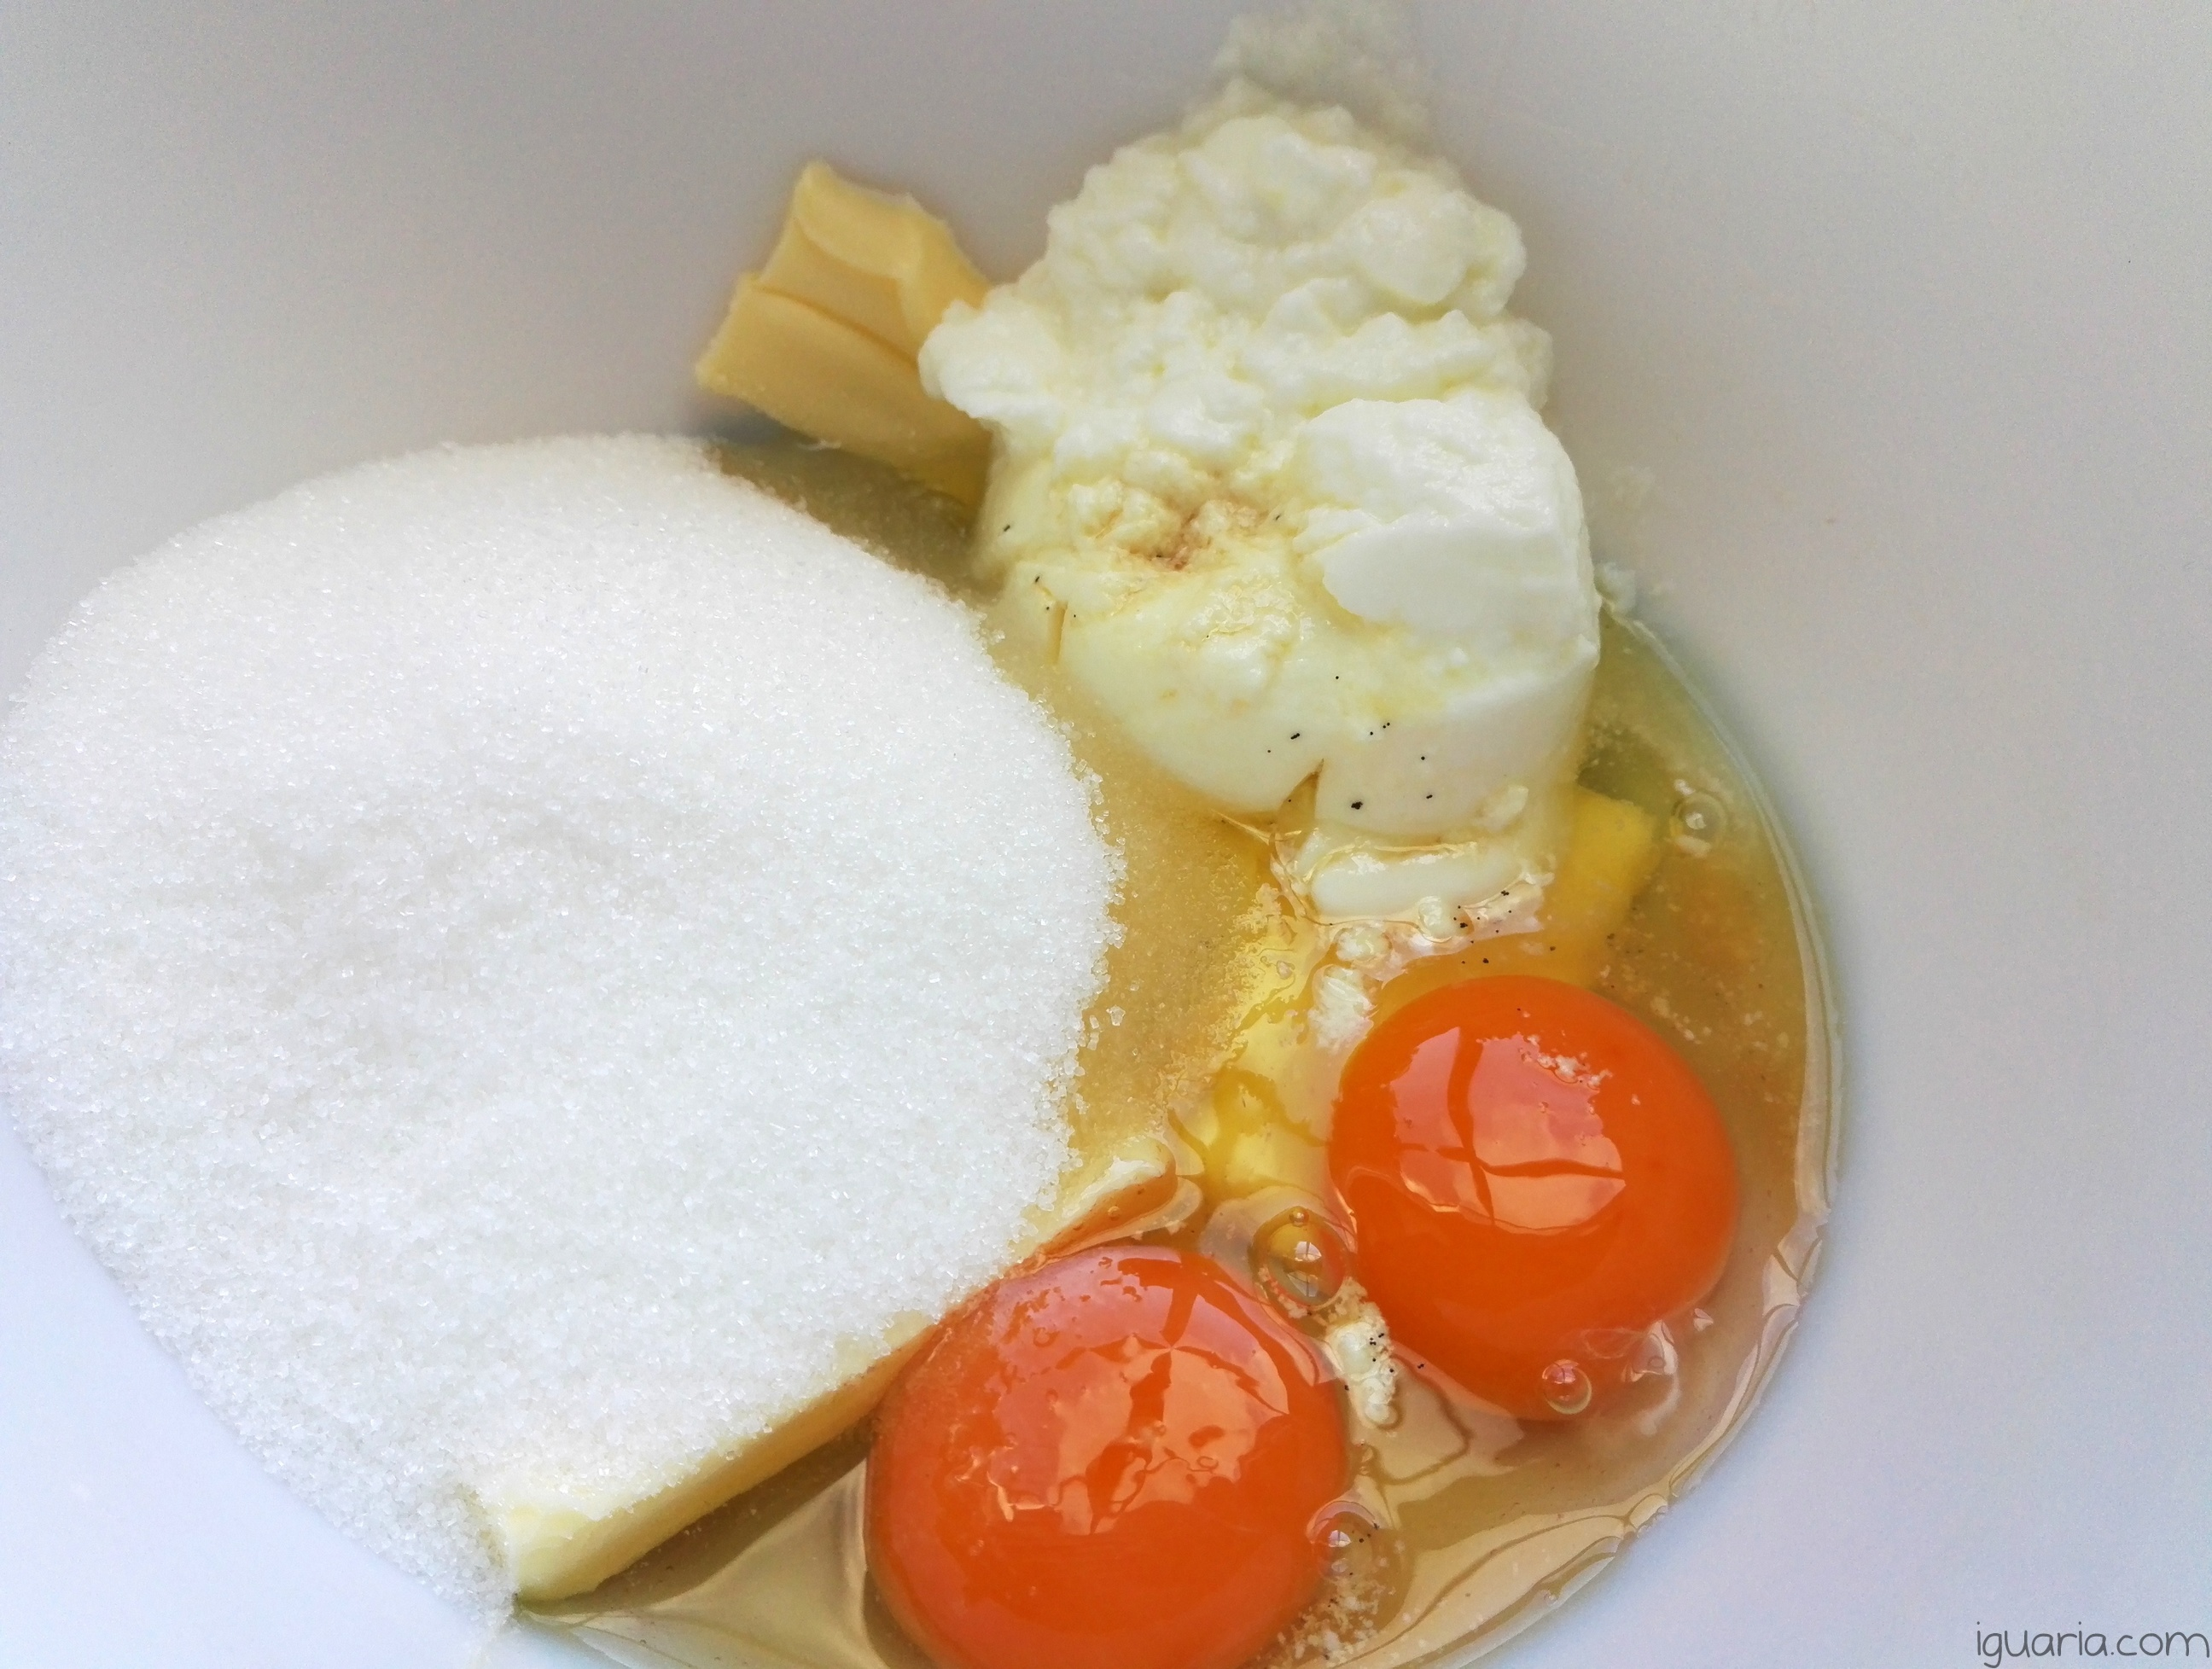 iguaria-juntar-ingredientes-liquidos